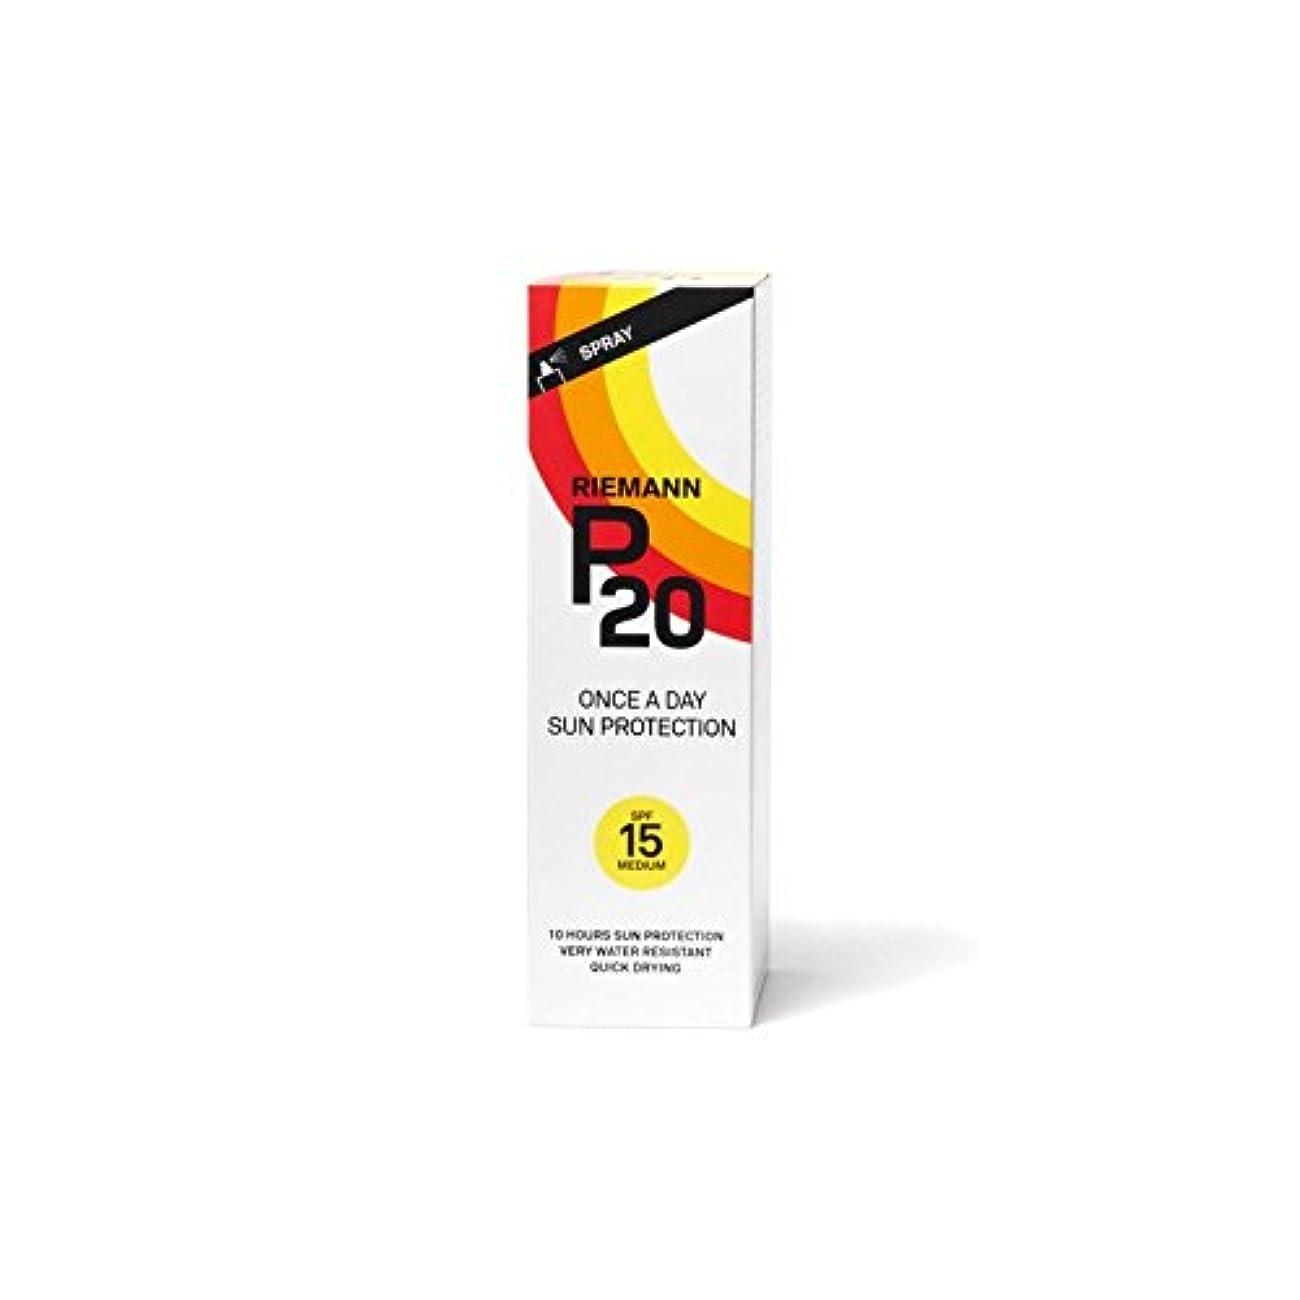 ユーザー現代のおじさんリーマン20のサンフィルター100ミリリットル15 x2 - Riemann P20 Sun Filter 100ml SPF15 (Pack of 2) [並行輸入品]